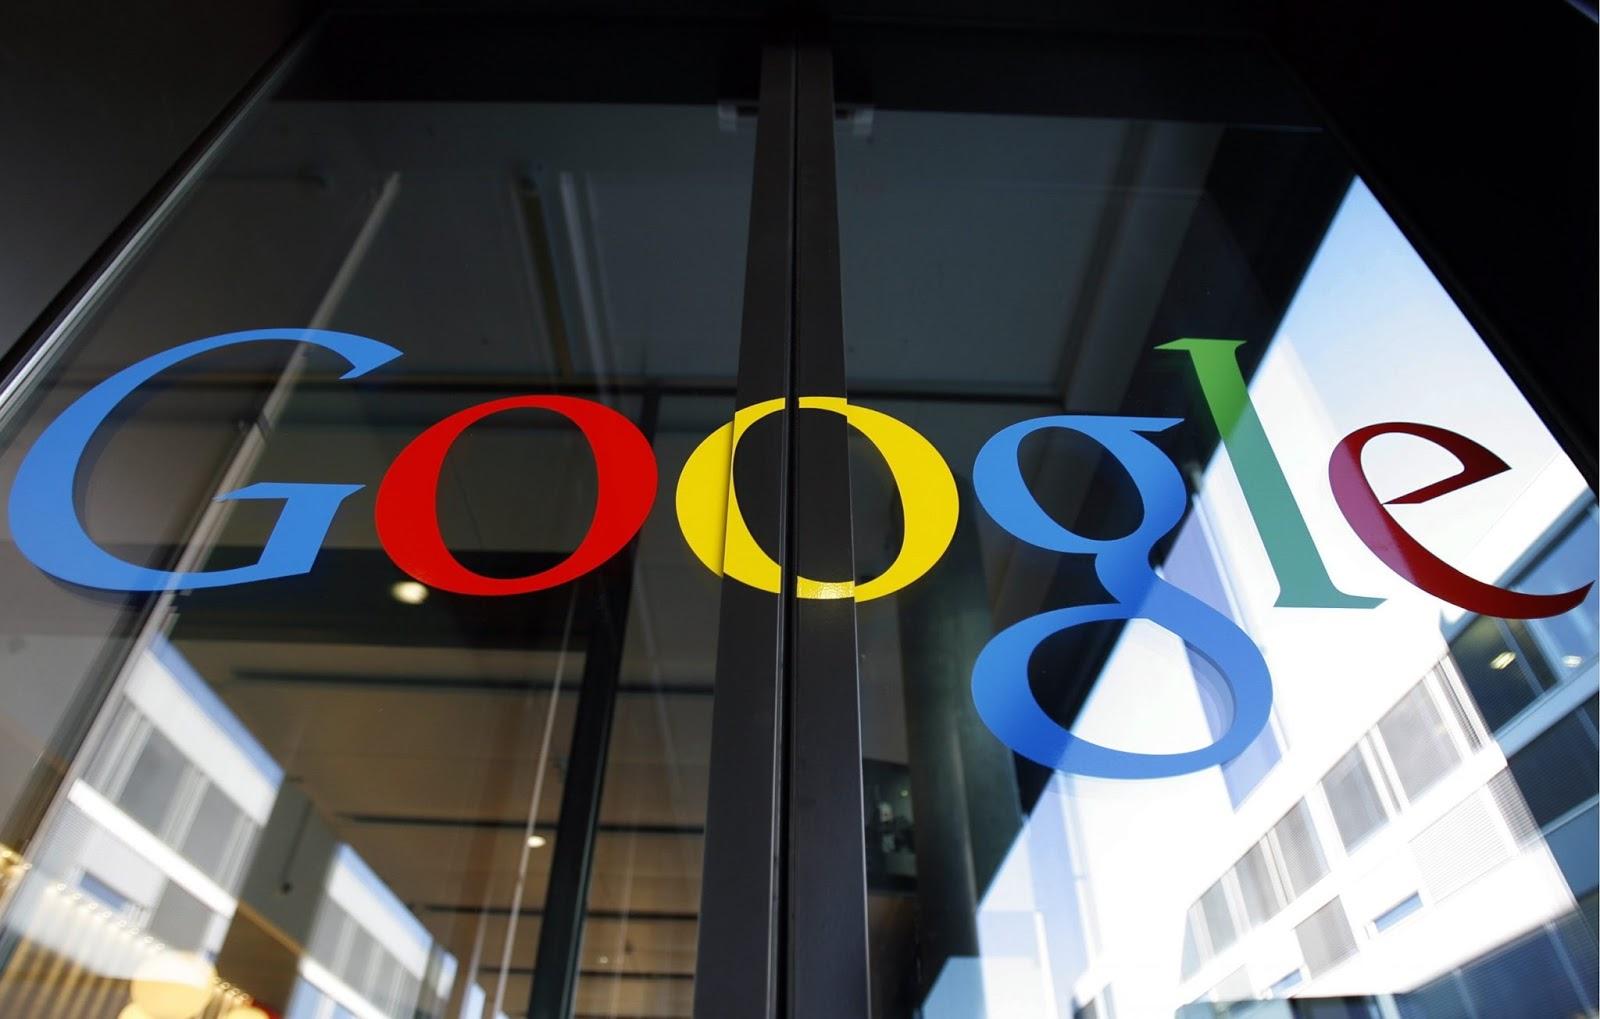 الكشف عن شركة خاصة بجوجل أخفتها طويلا عن الأنظار !